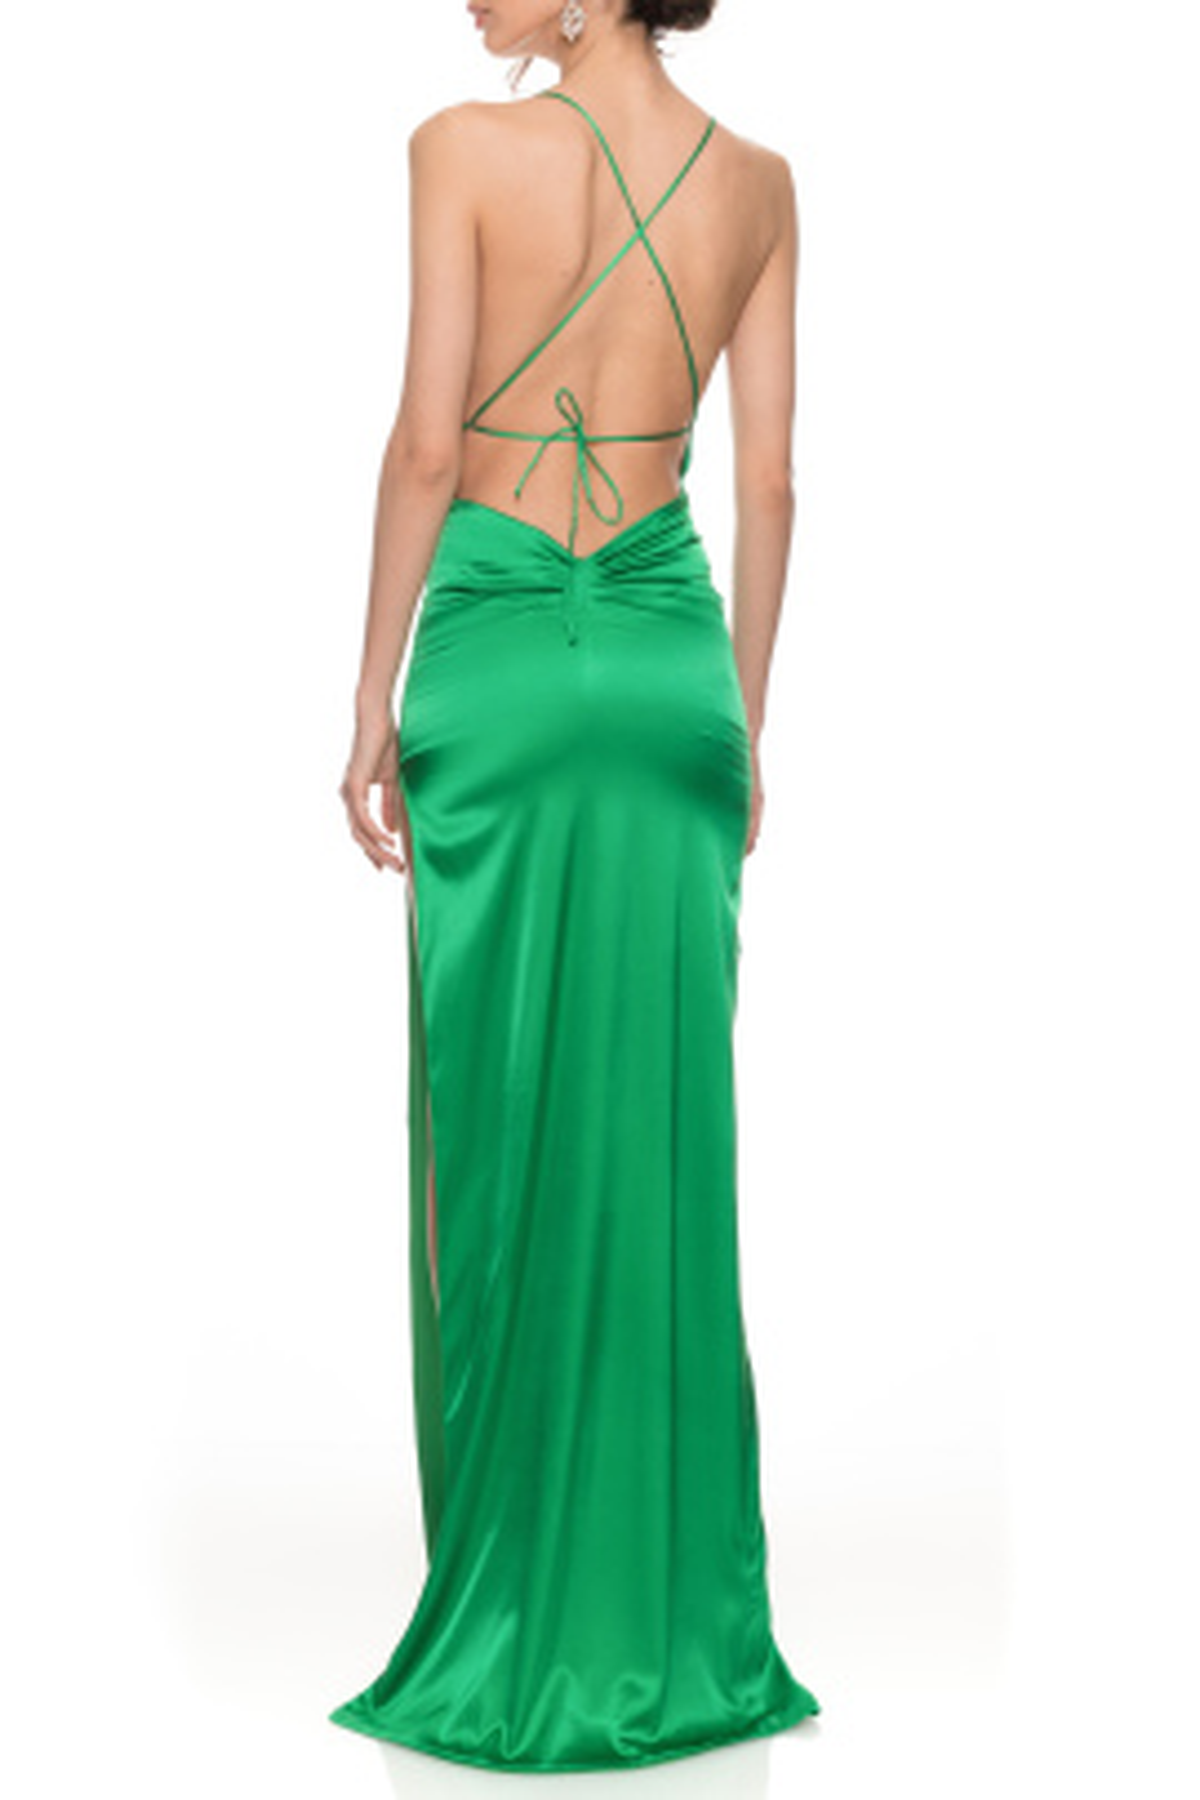 Merlot Yeşil Elbise